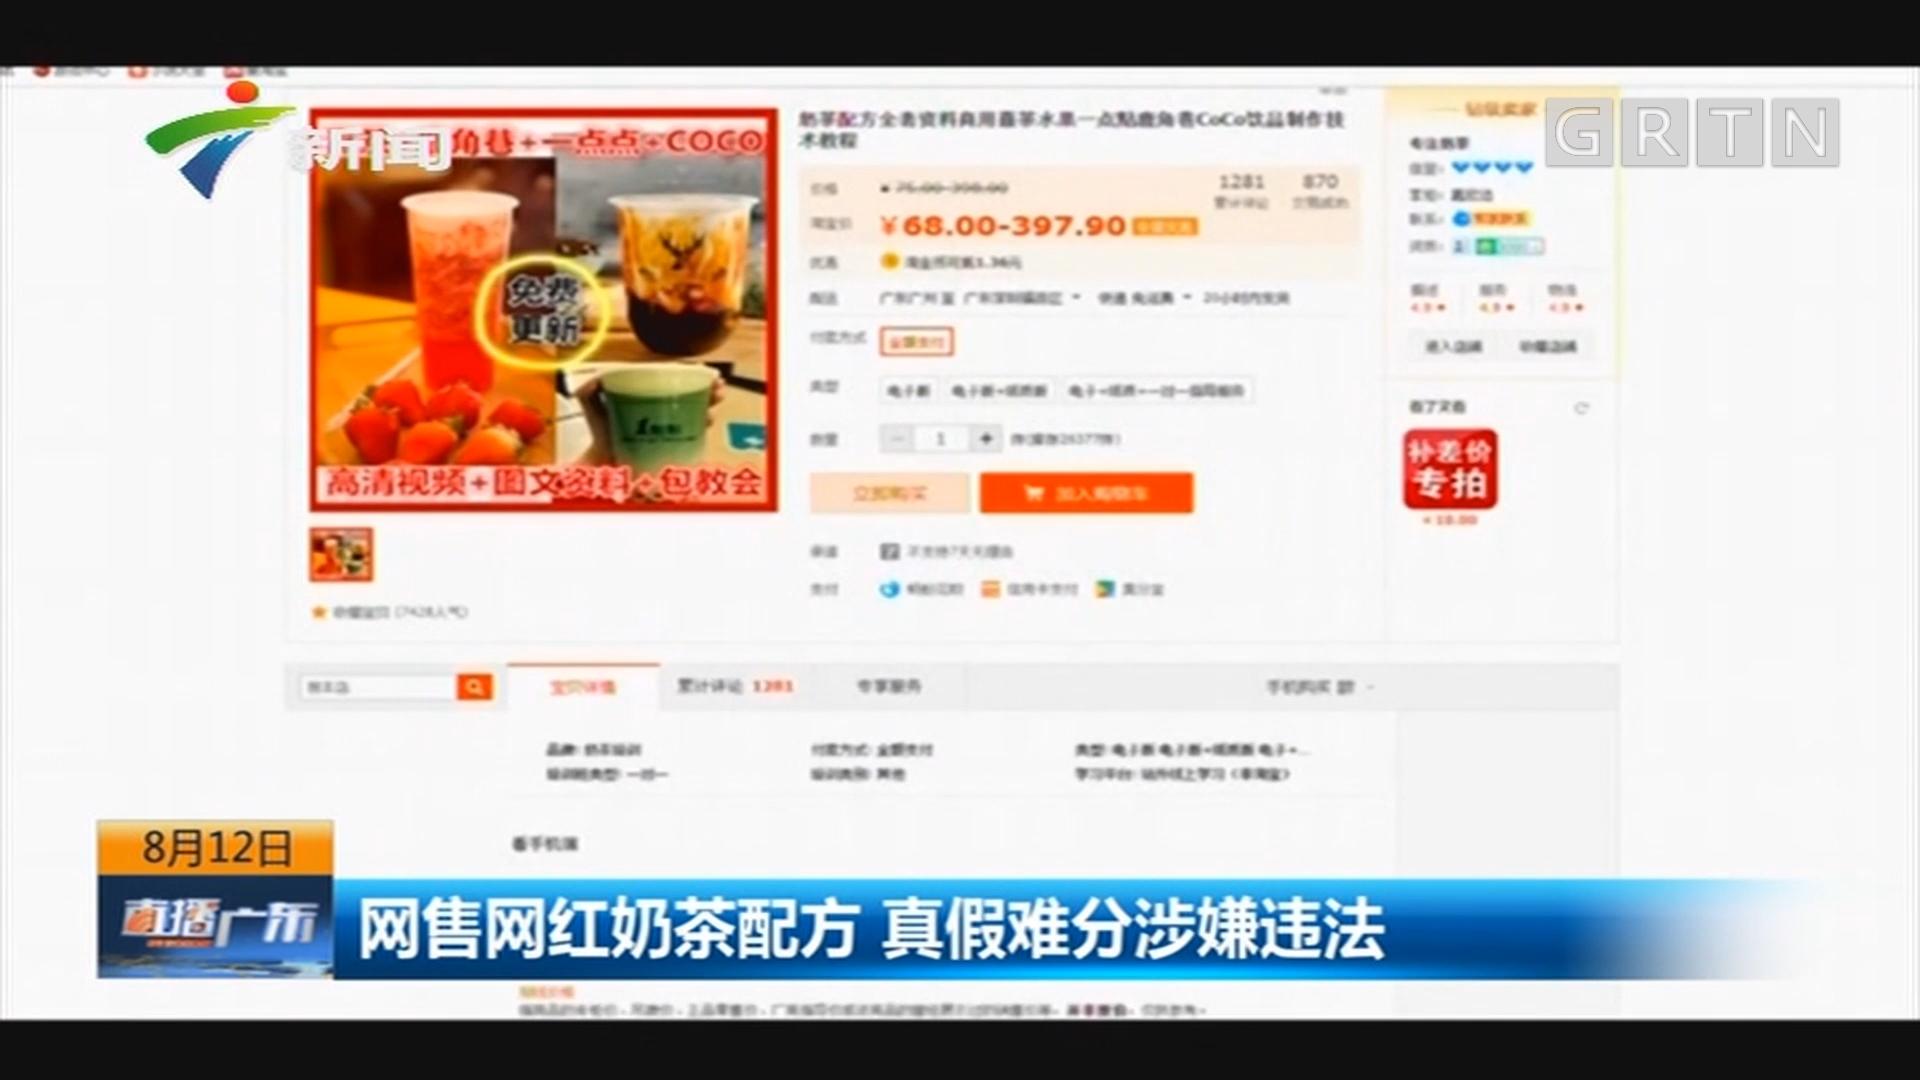 网售网红奶茶配方 真假难分涉嫌违法